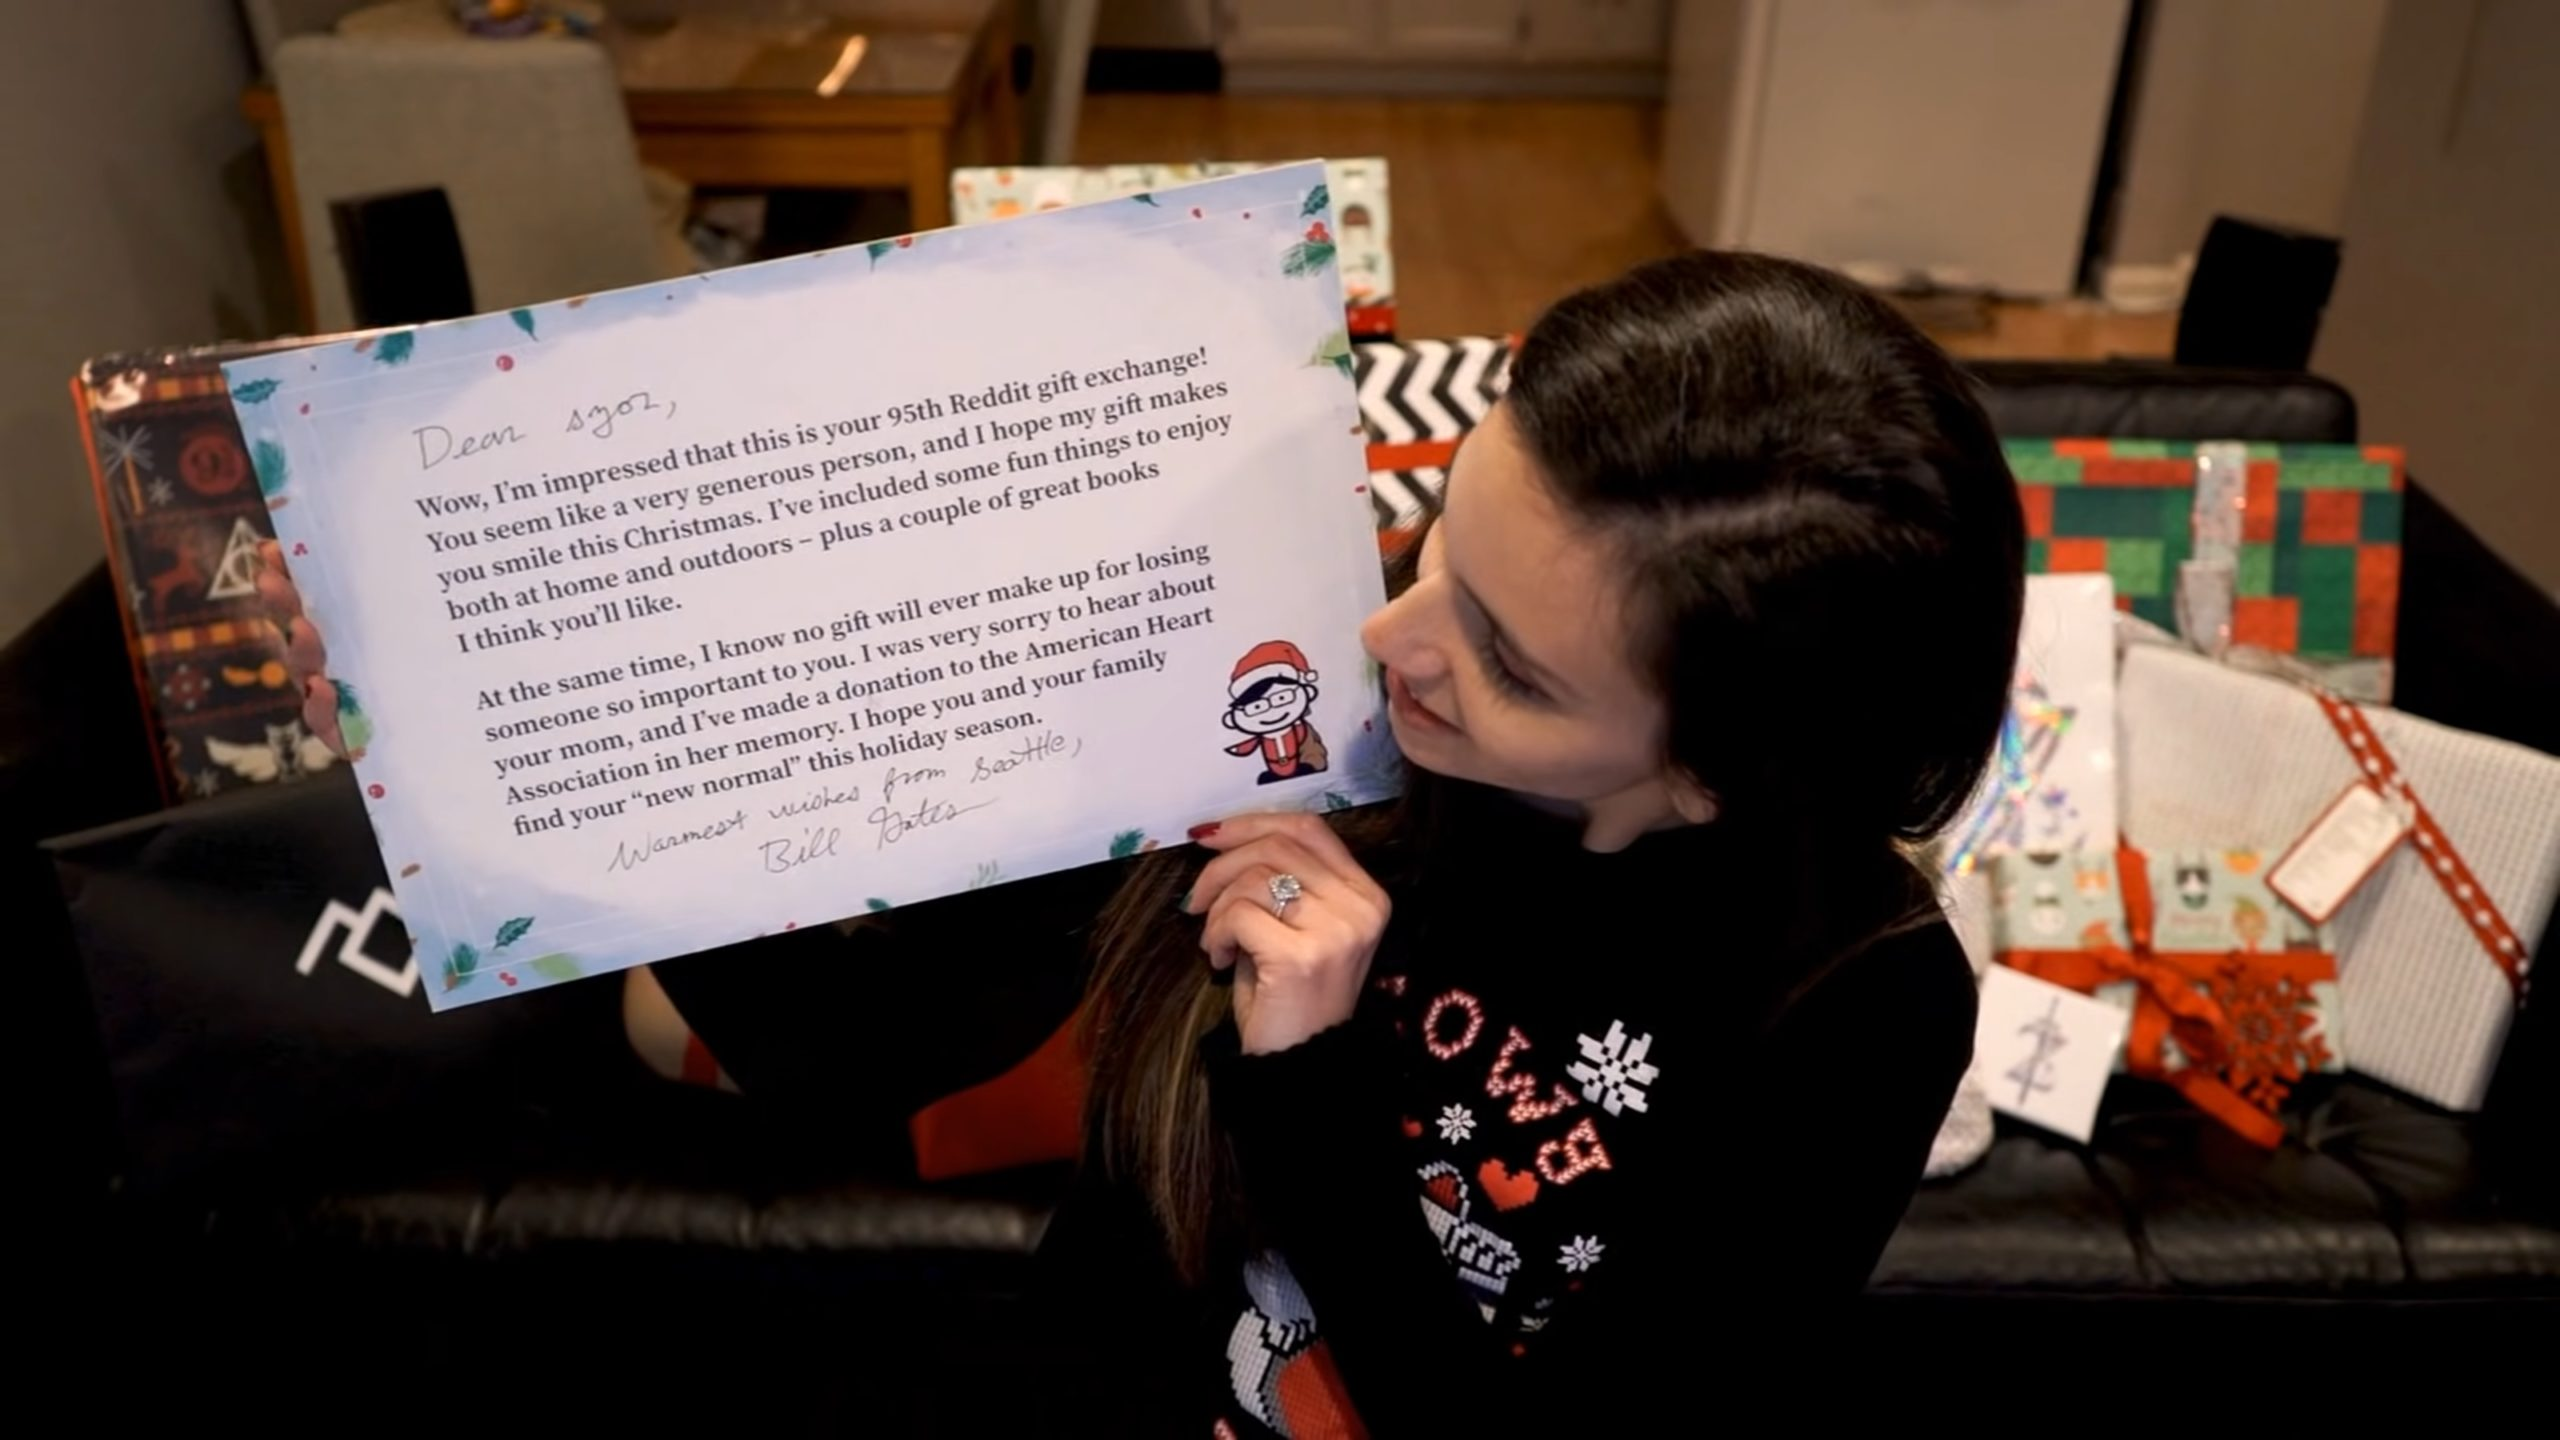 """הרדיטרית שלבי, ששיחקה """"סיקרט סנטה"""" וקיבלה מתנות מביל גייטס 📸 מהסרטון של שלבי"""